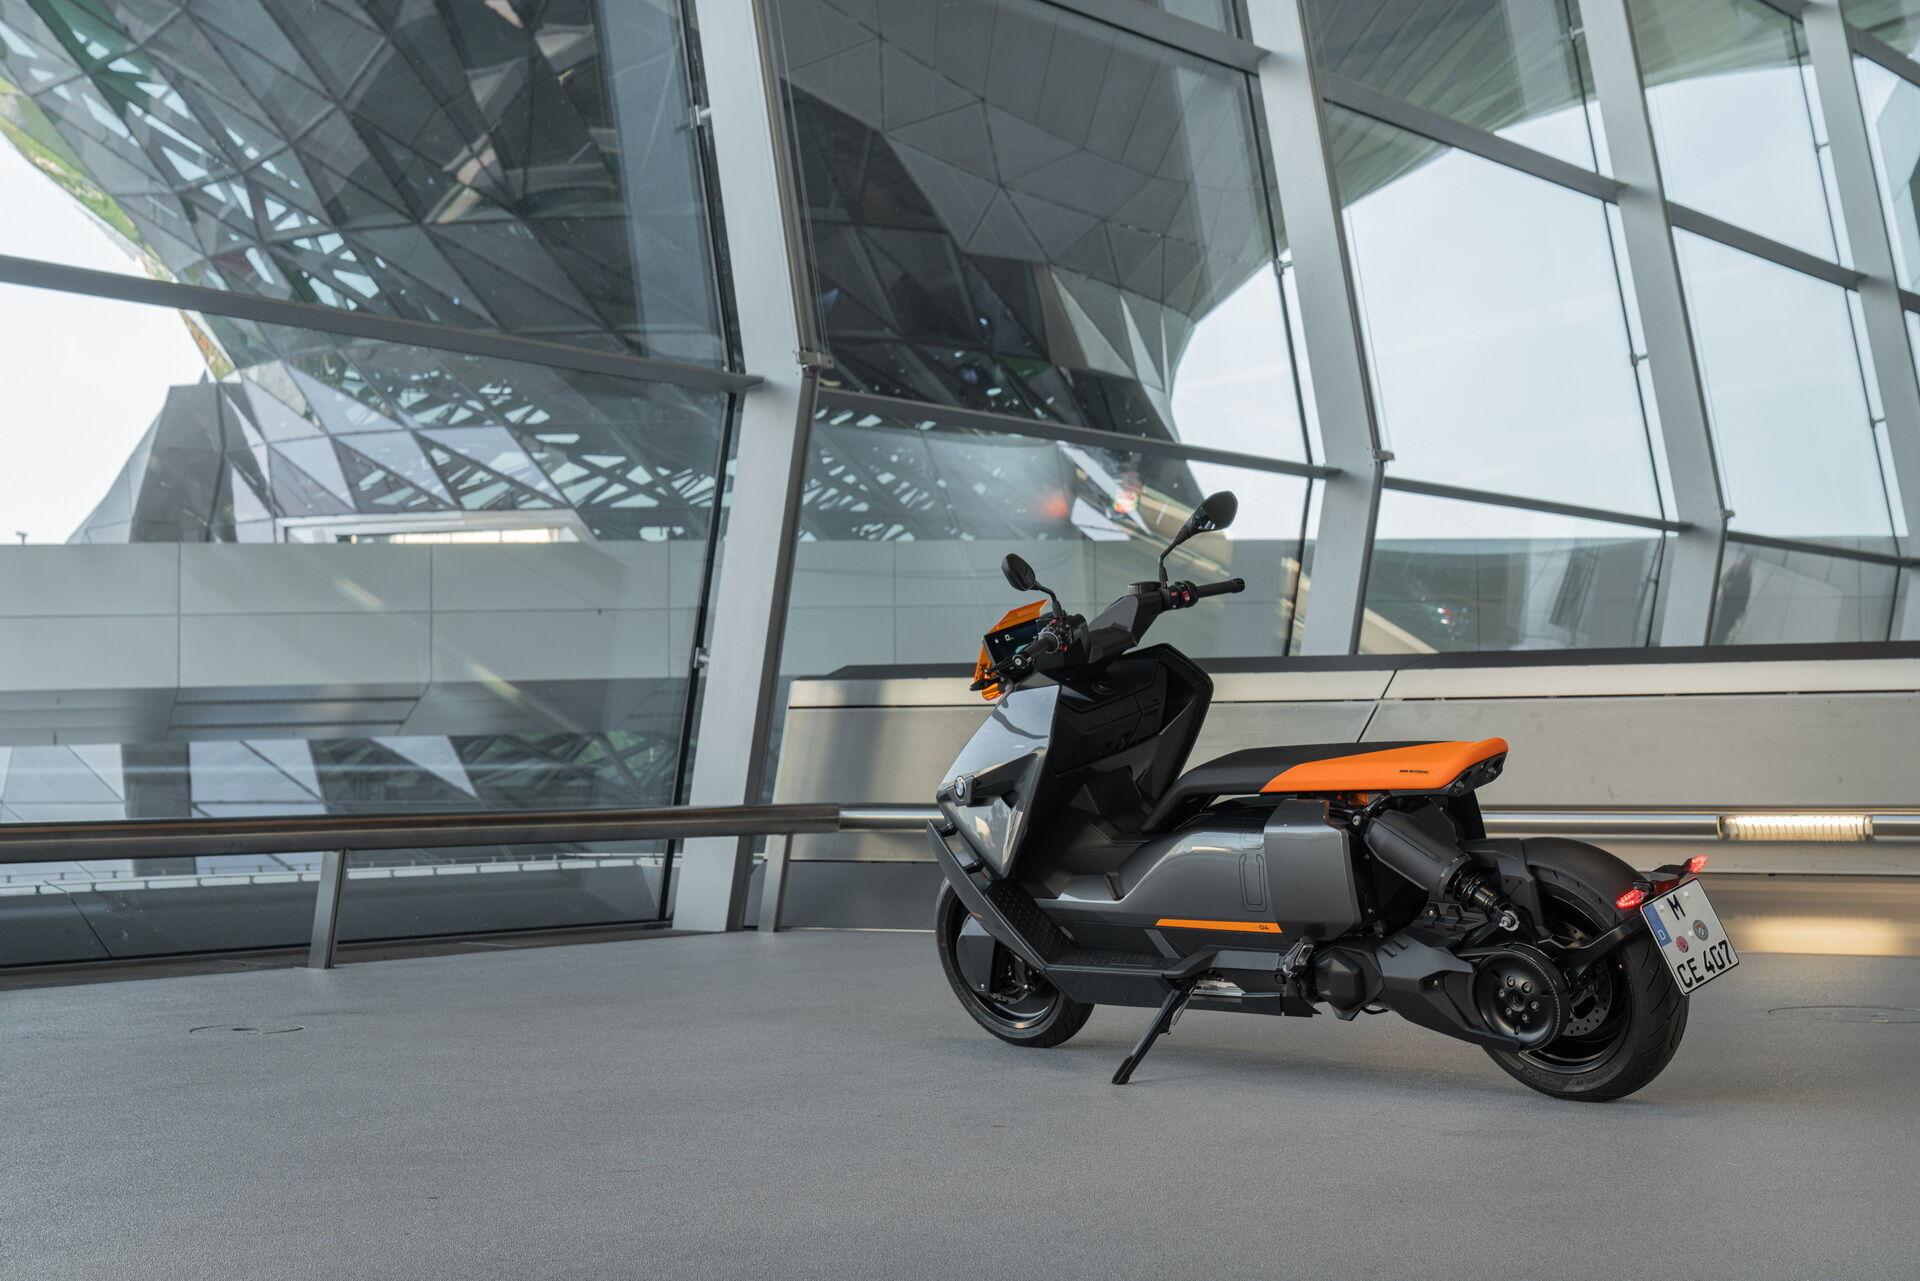 Для удобства маневрирования скутер может двигаться задним ходом